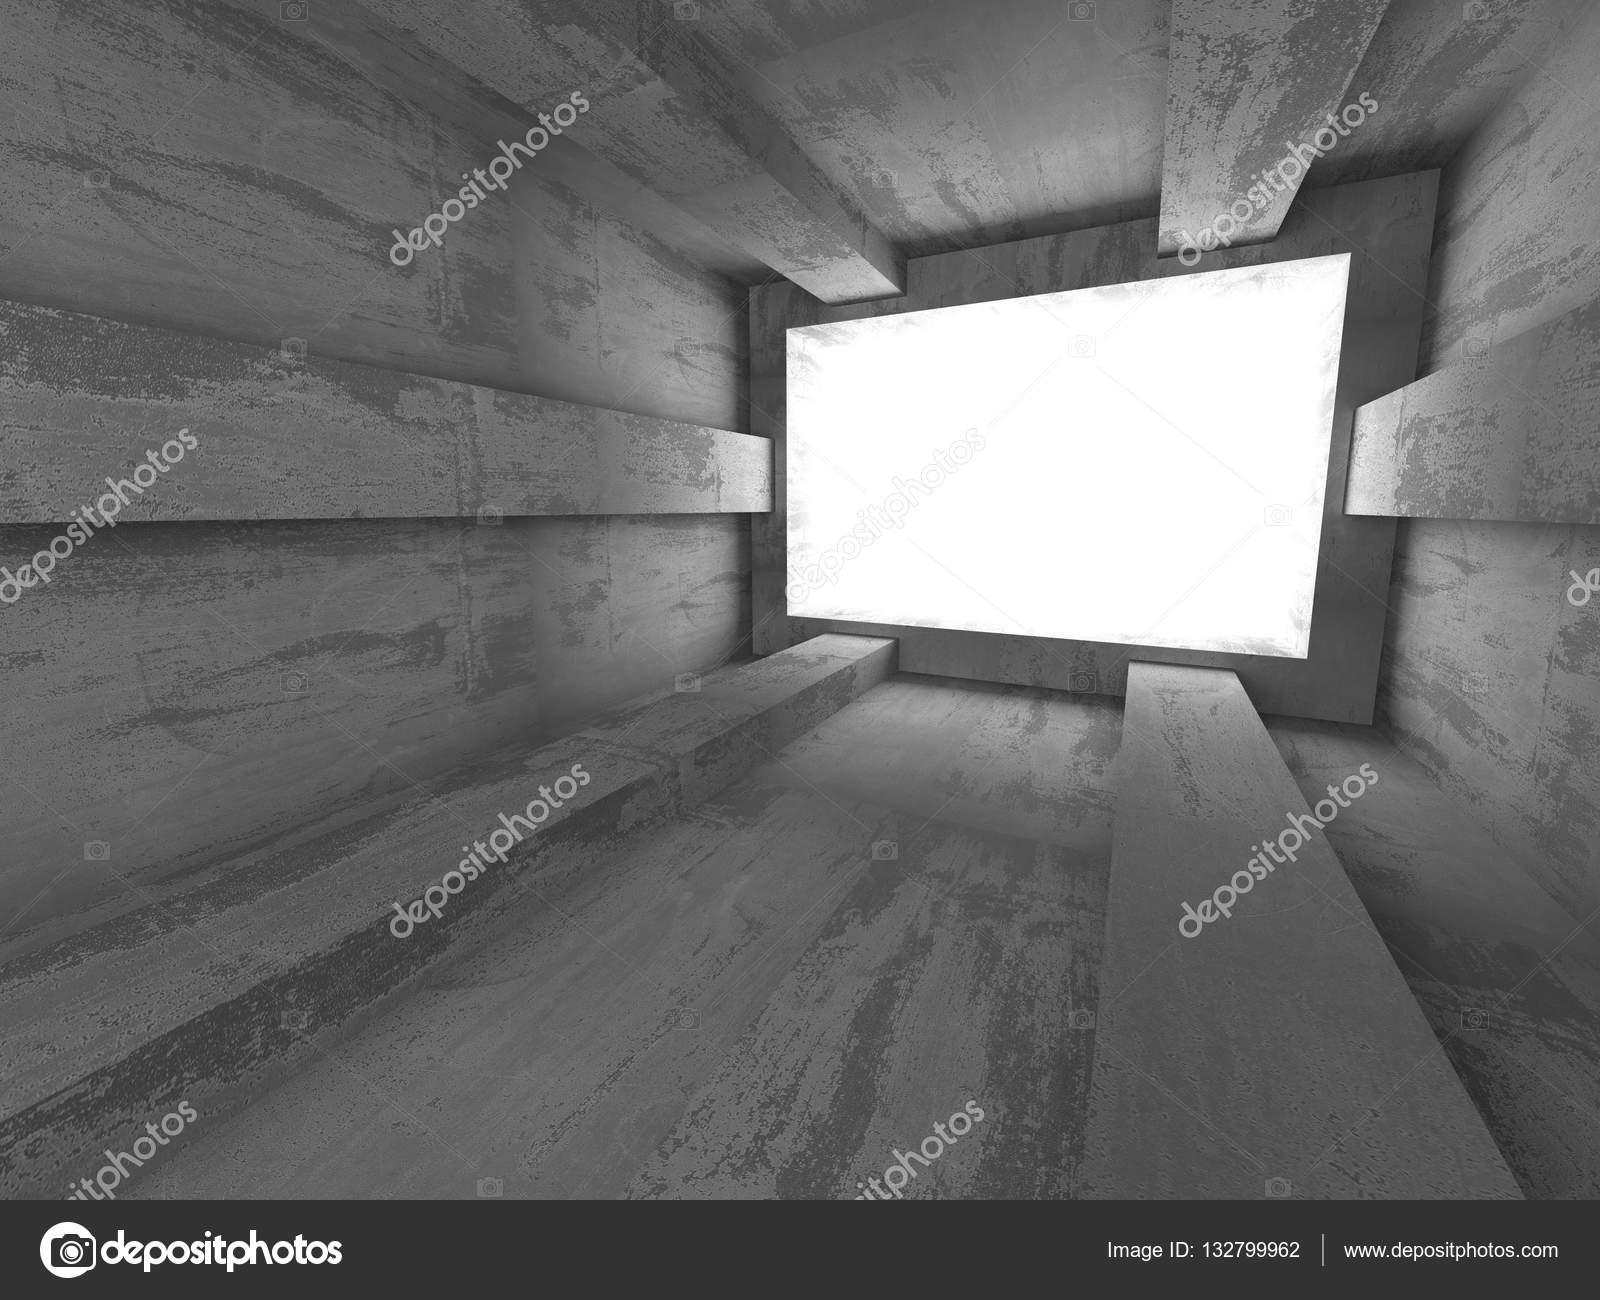 Beton In Interieur : Béton intérieur futuriste u2014 photographie versusstudio © #132799962